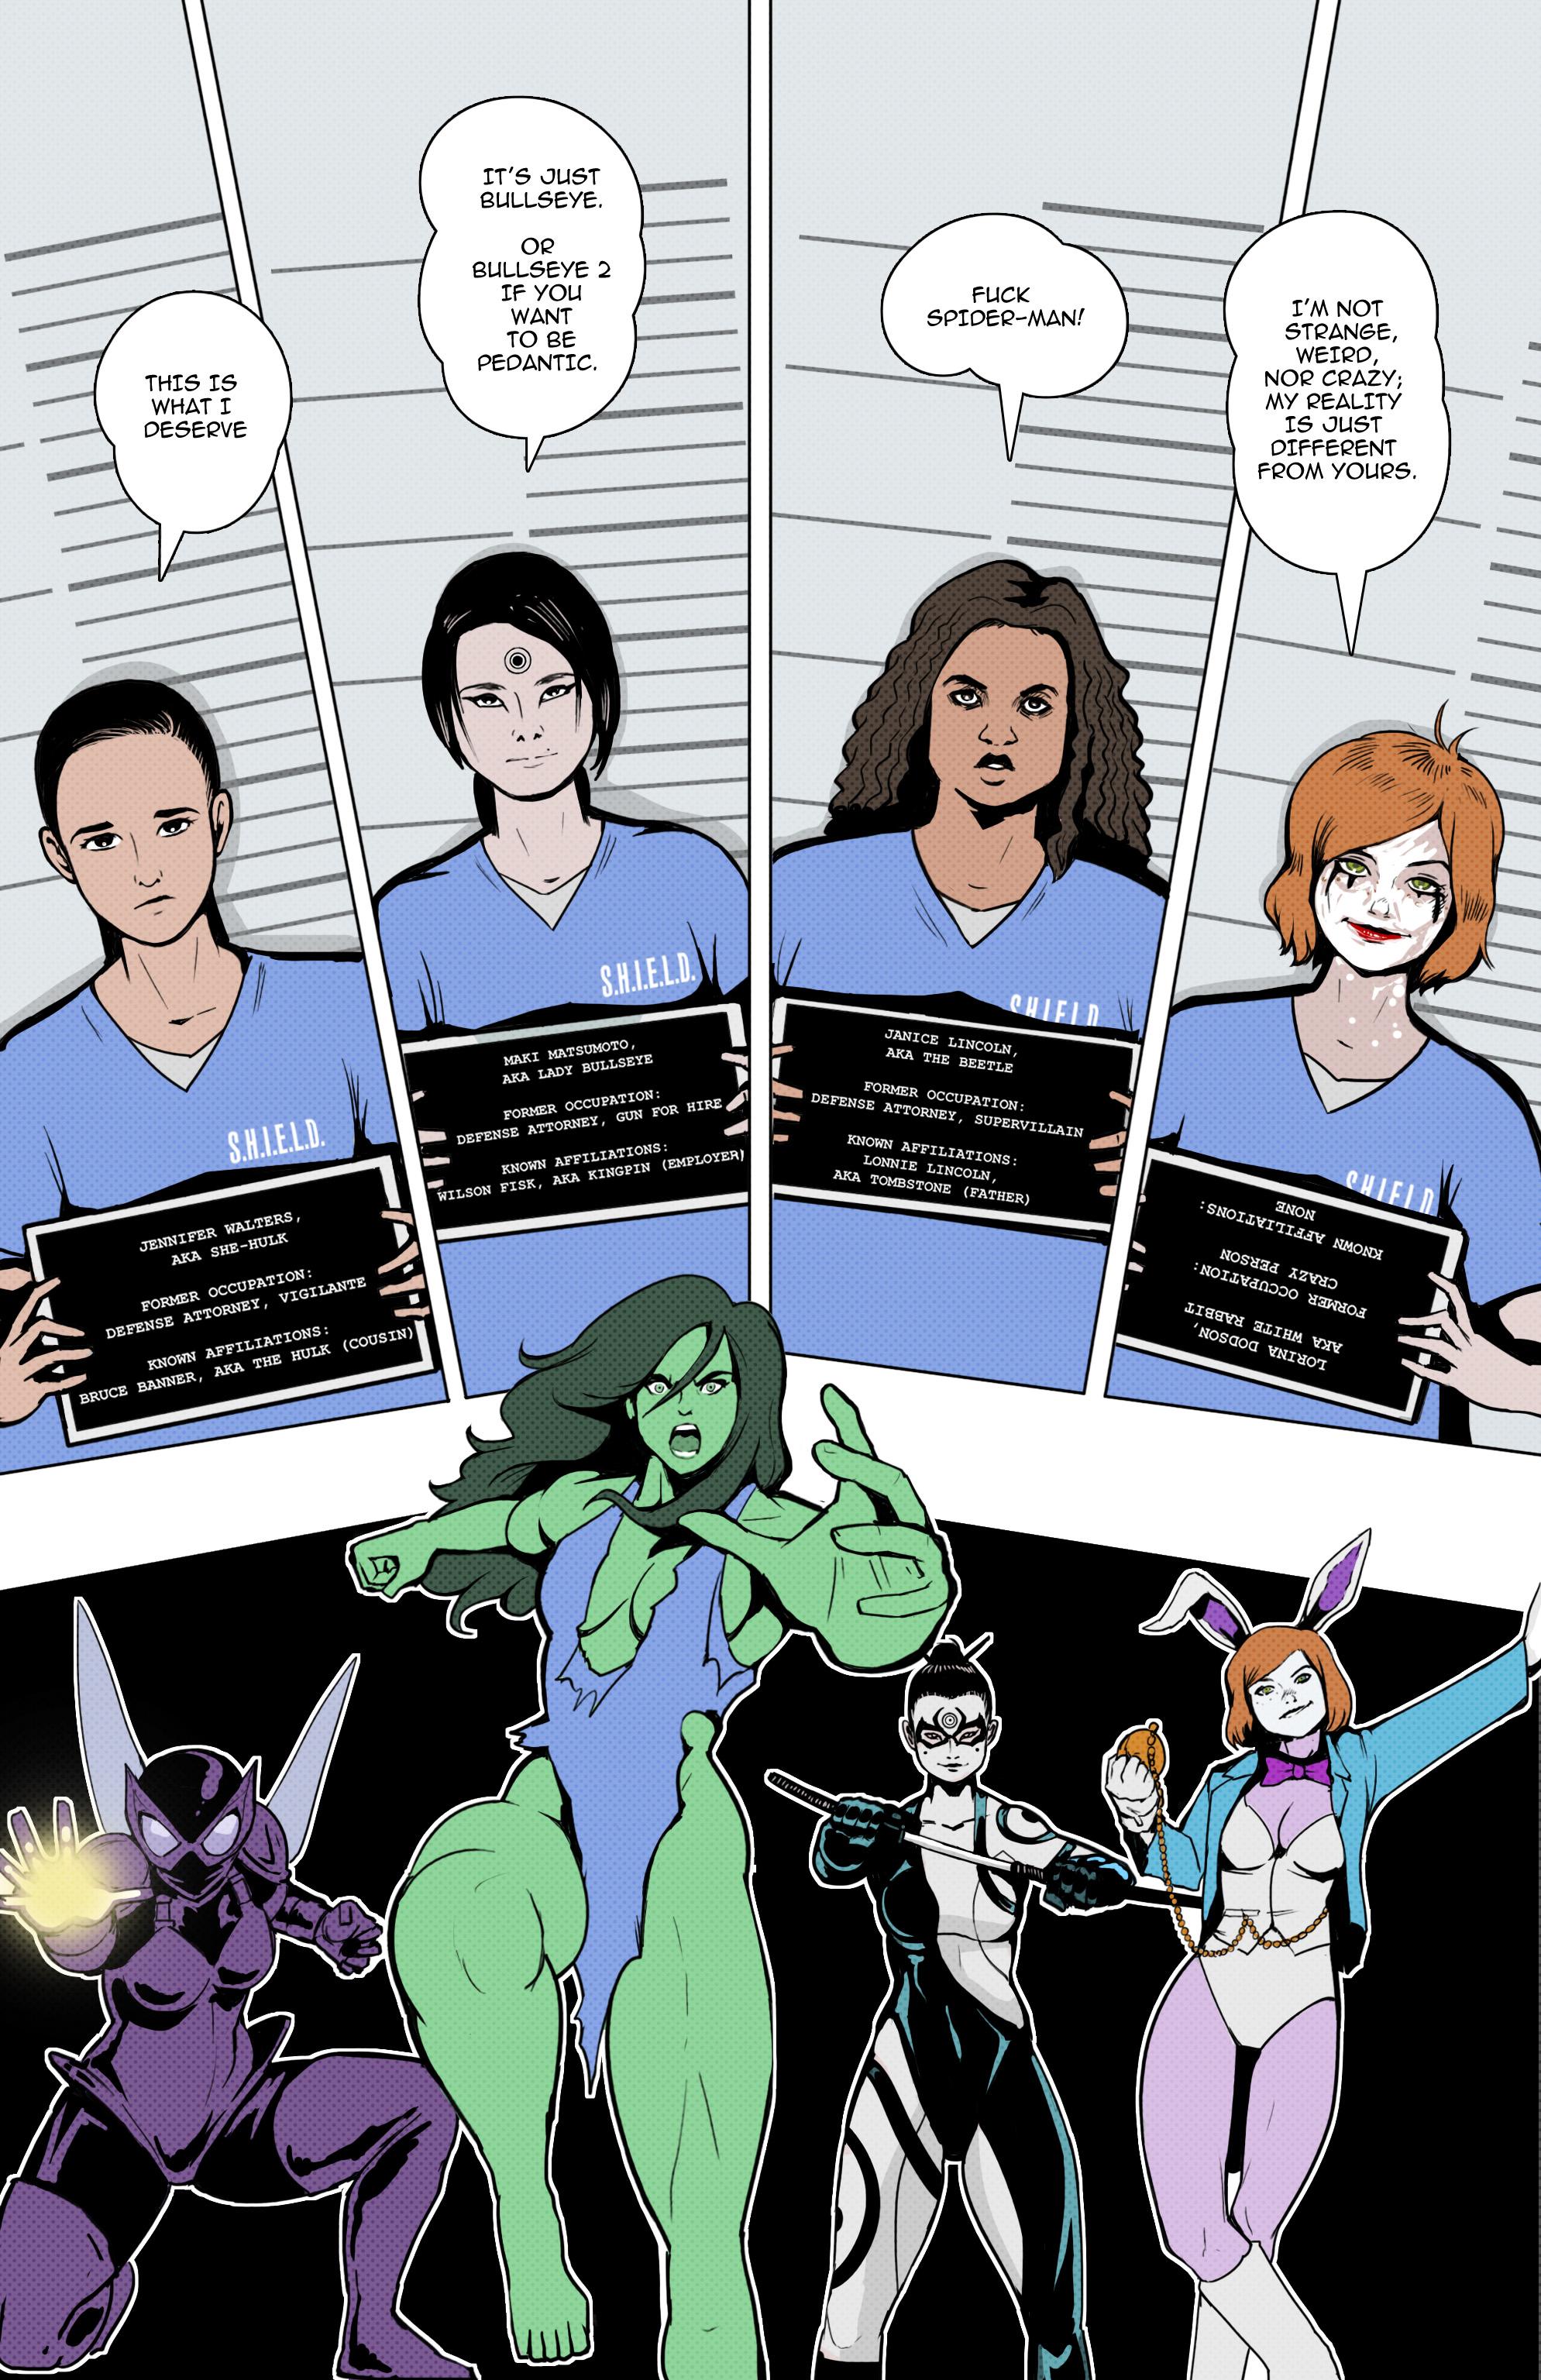 Meet the cast of BJ Mendelson's She-Hulk: Beetle, Lady Bullseye, White Rabbit, and She-Hulk!